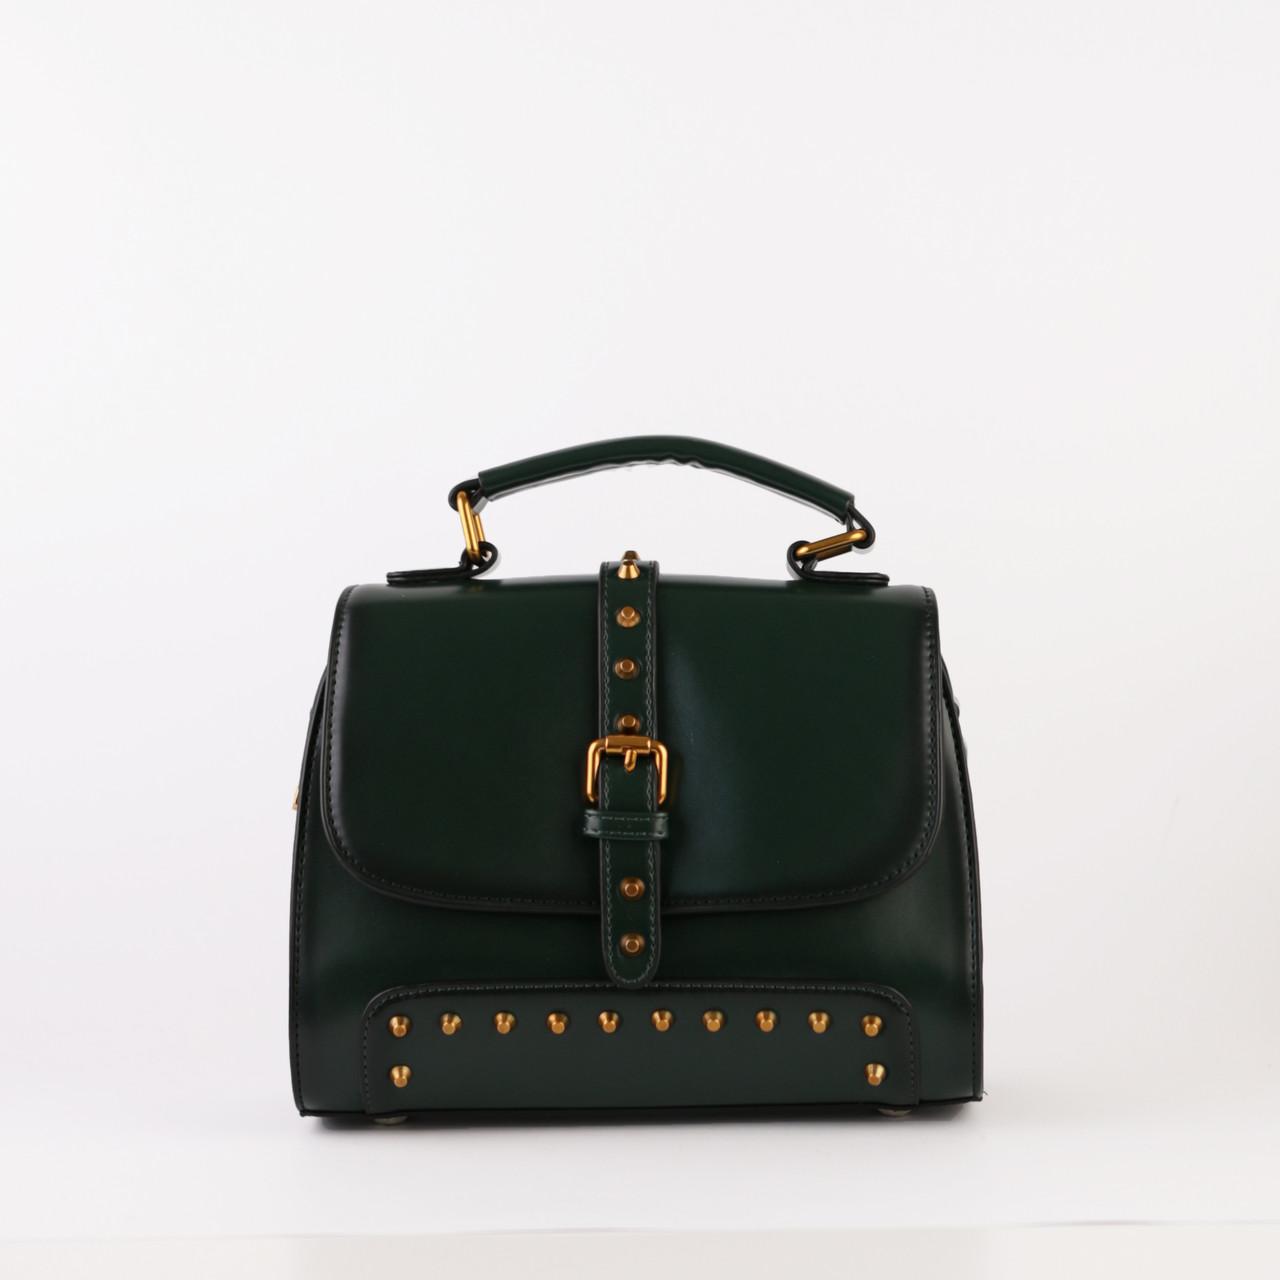 509021333b2e Женская маленькая сумочка кожаная объемная зеленая купить по ...